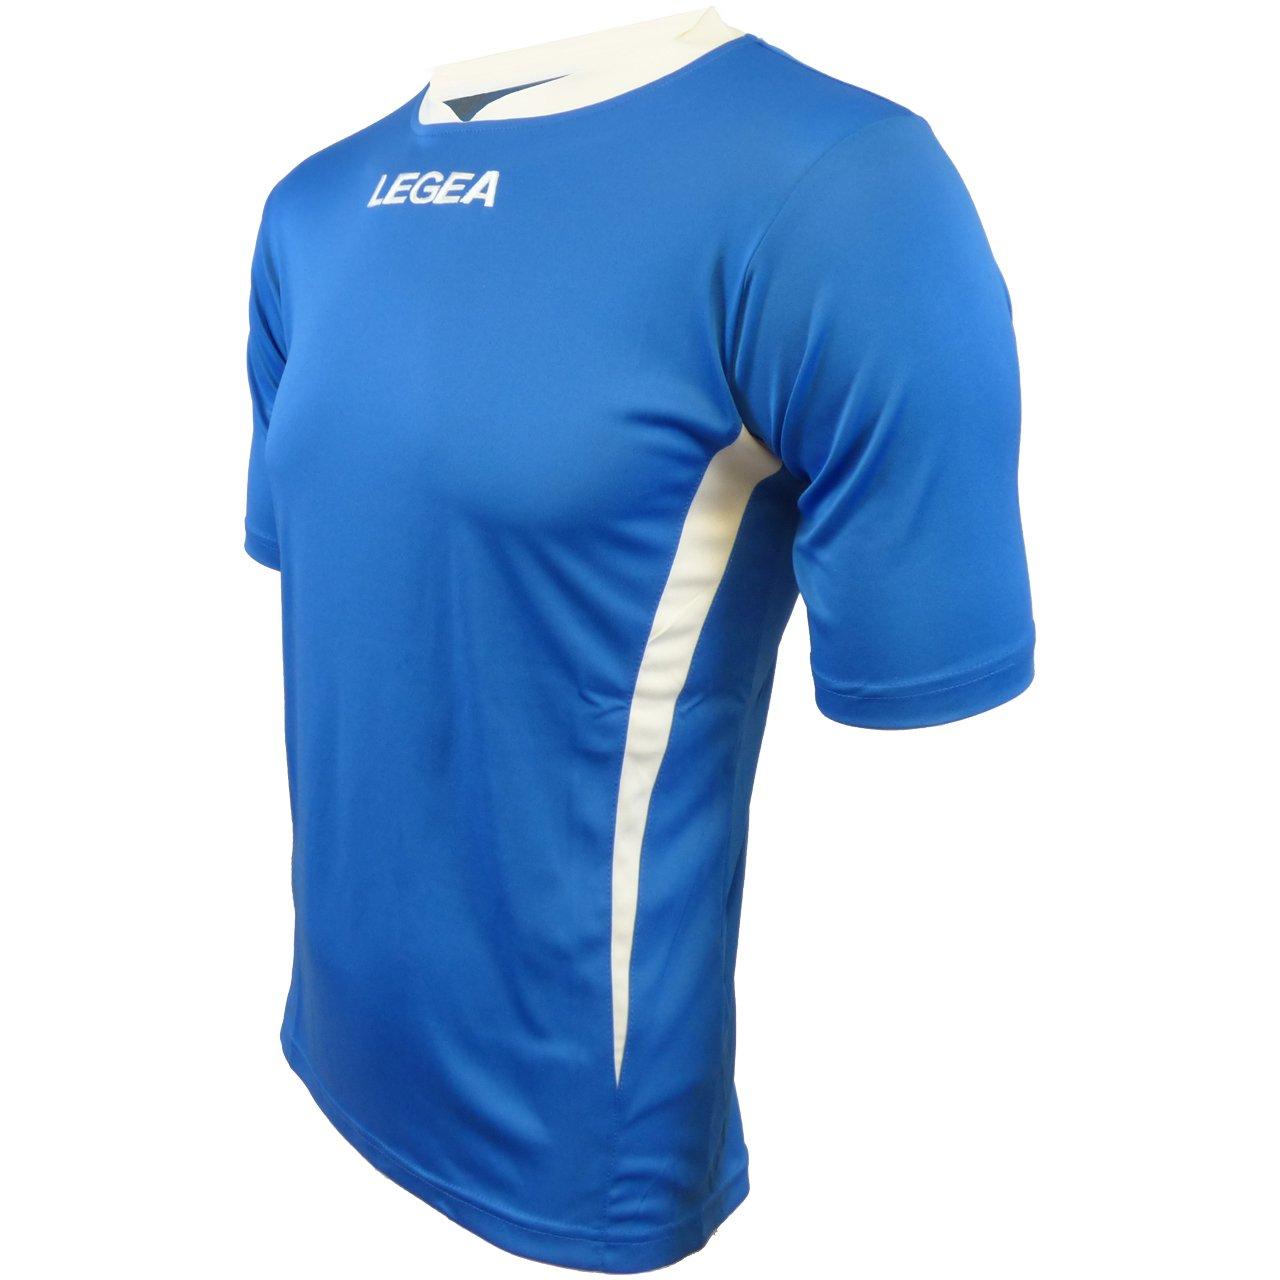 Fotbalové dresy a komplety pro hráče